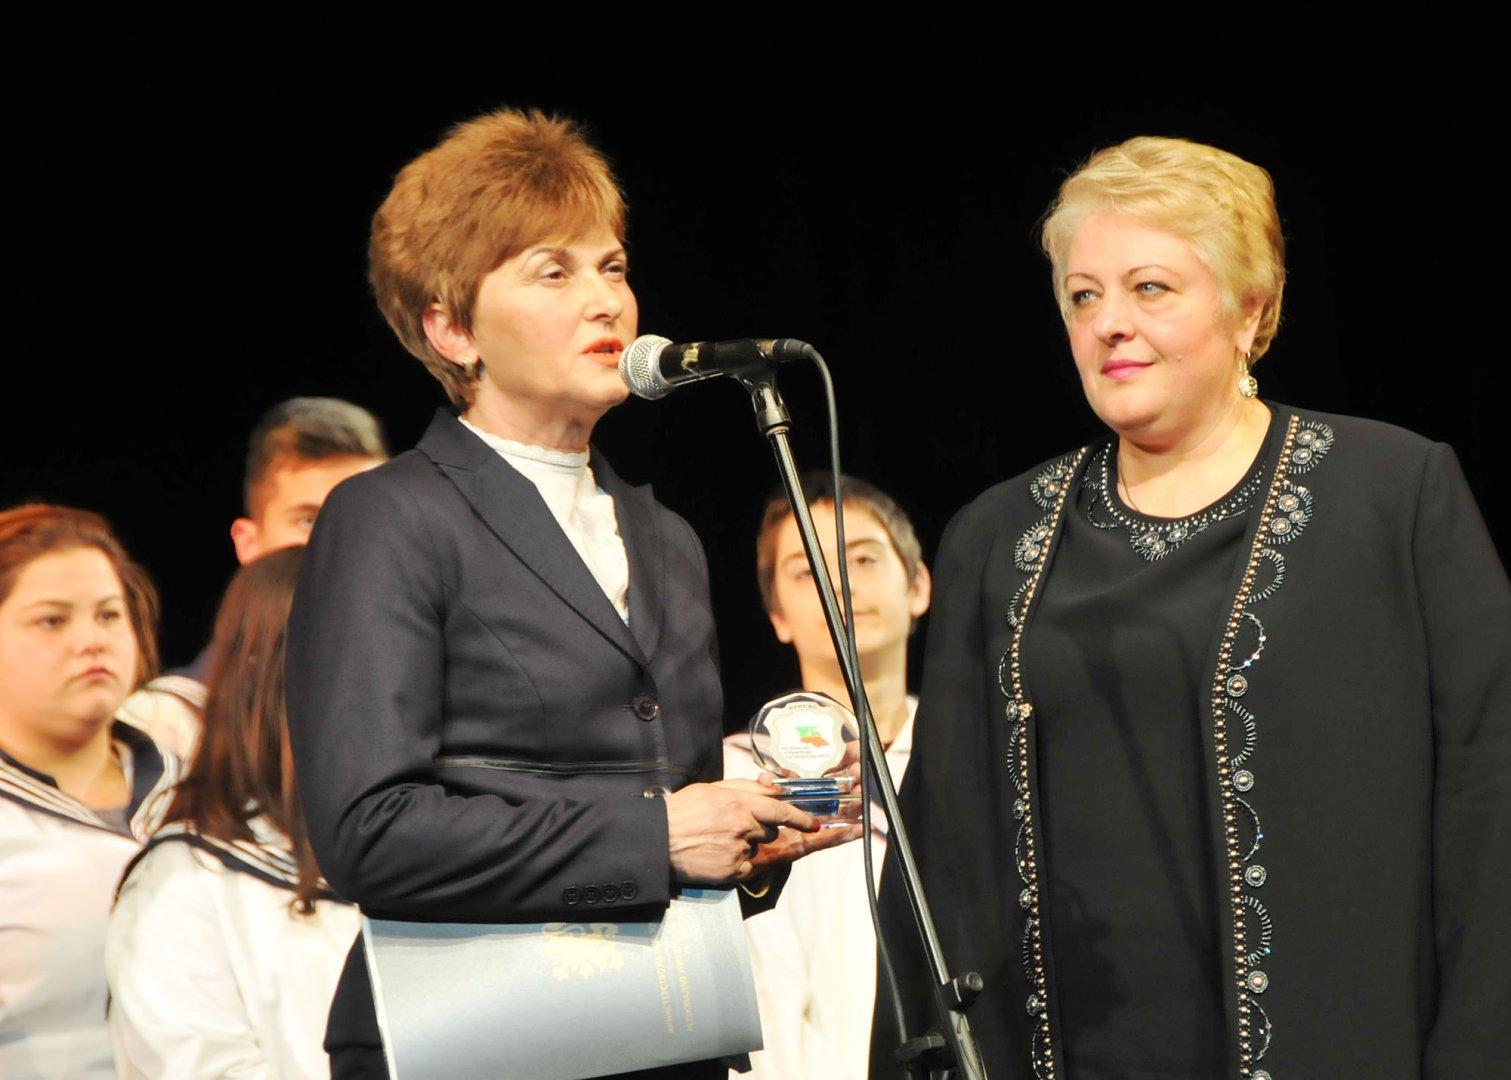 Началникът на РУО Виолета Илиева (вляво) поздрави директора Христина Жабова за годишнината. Снимки Лина Главинова